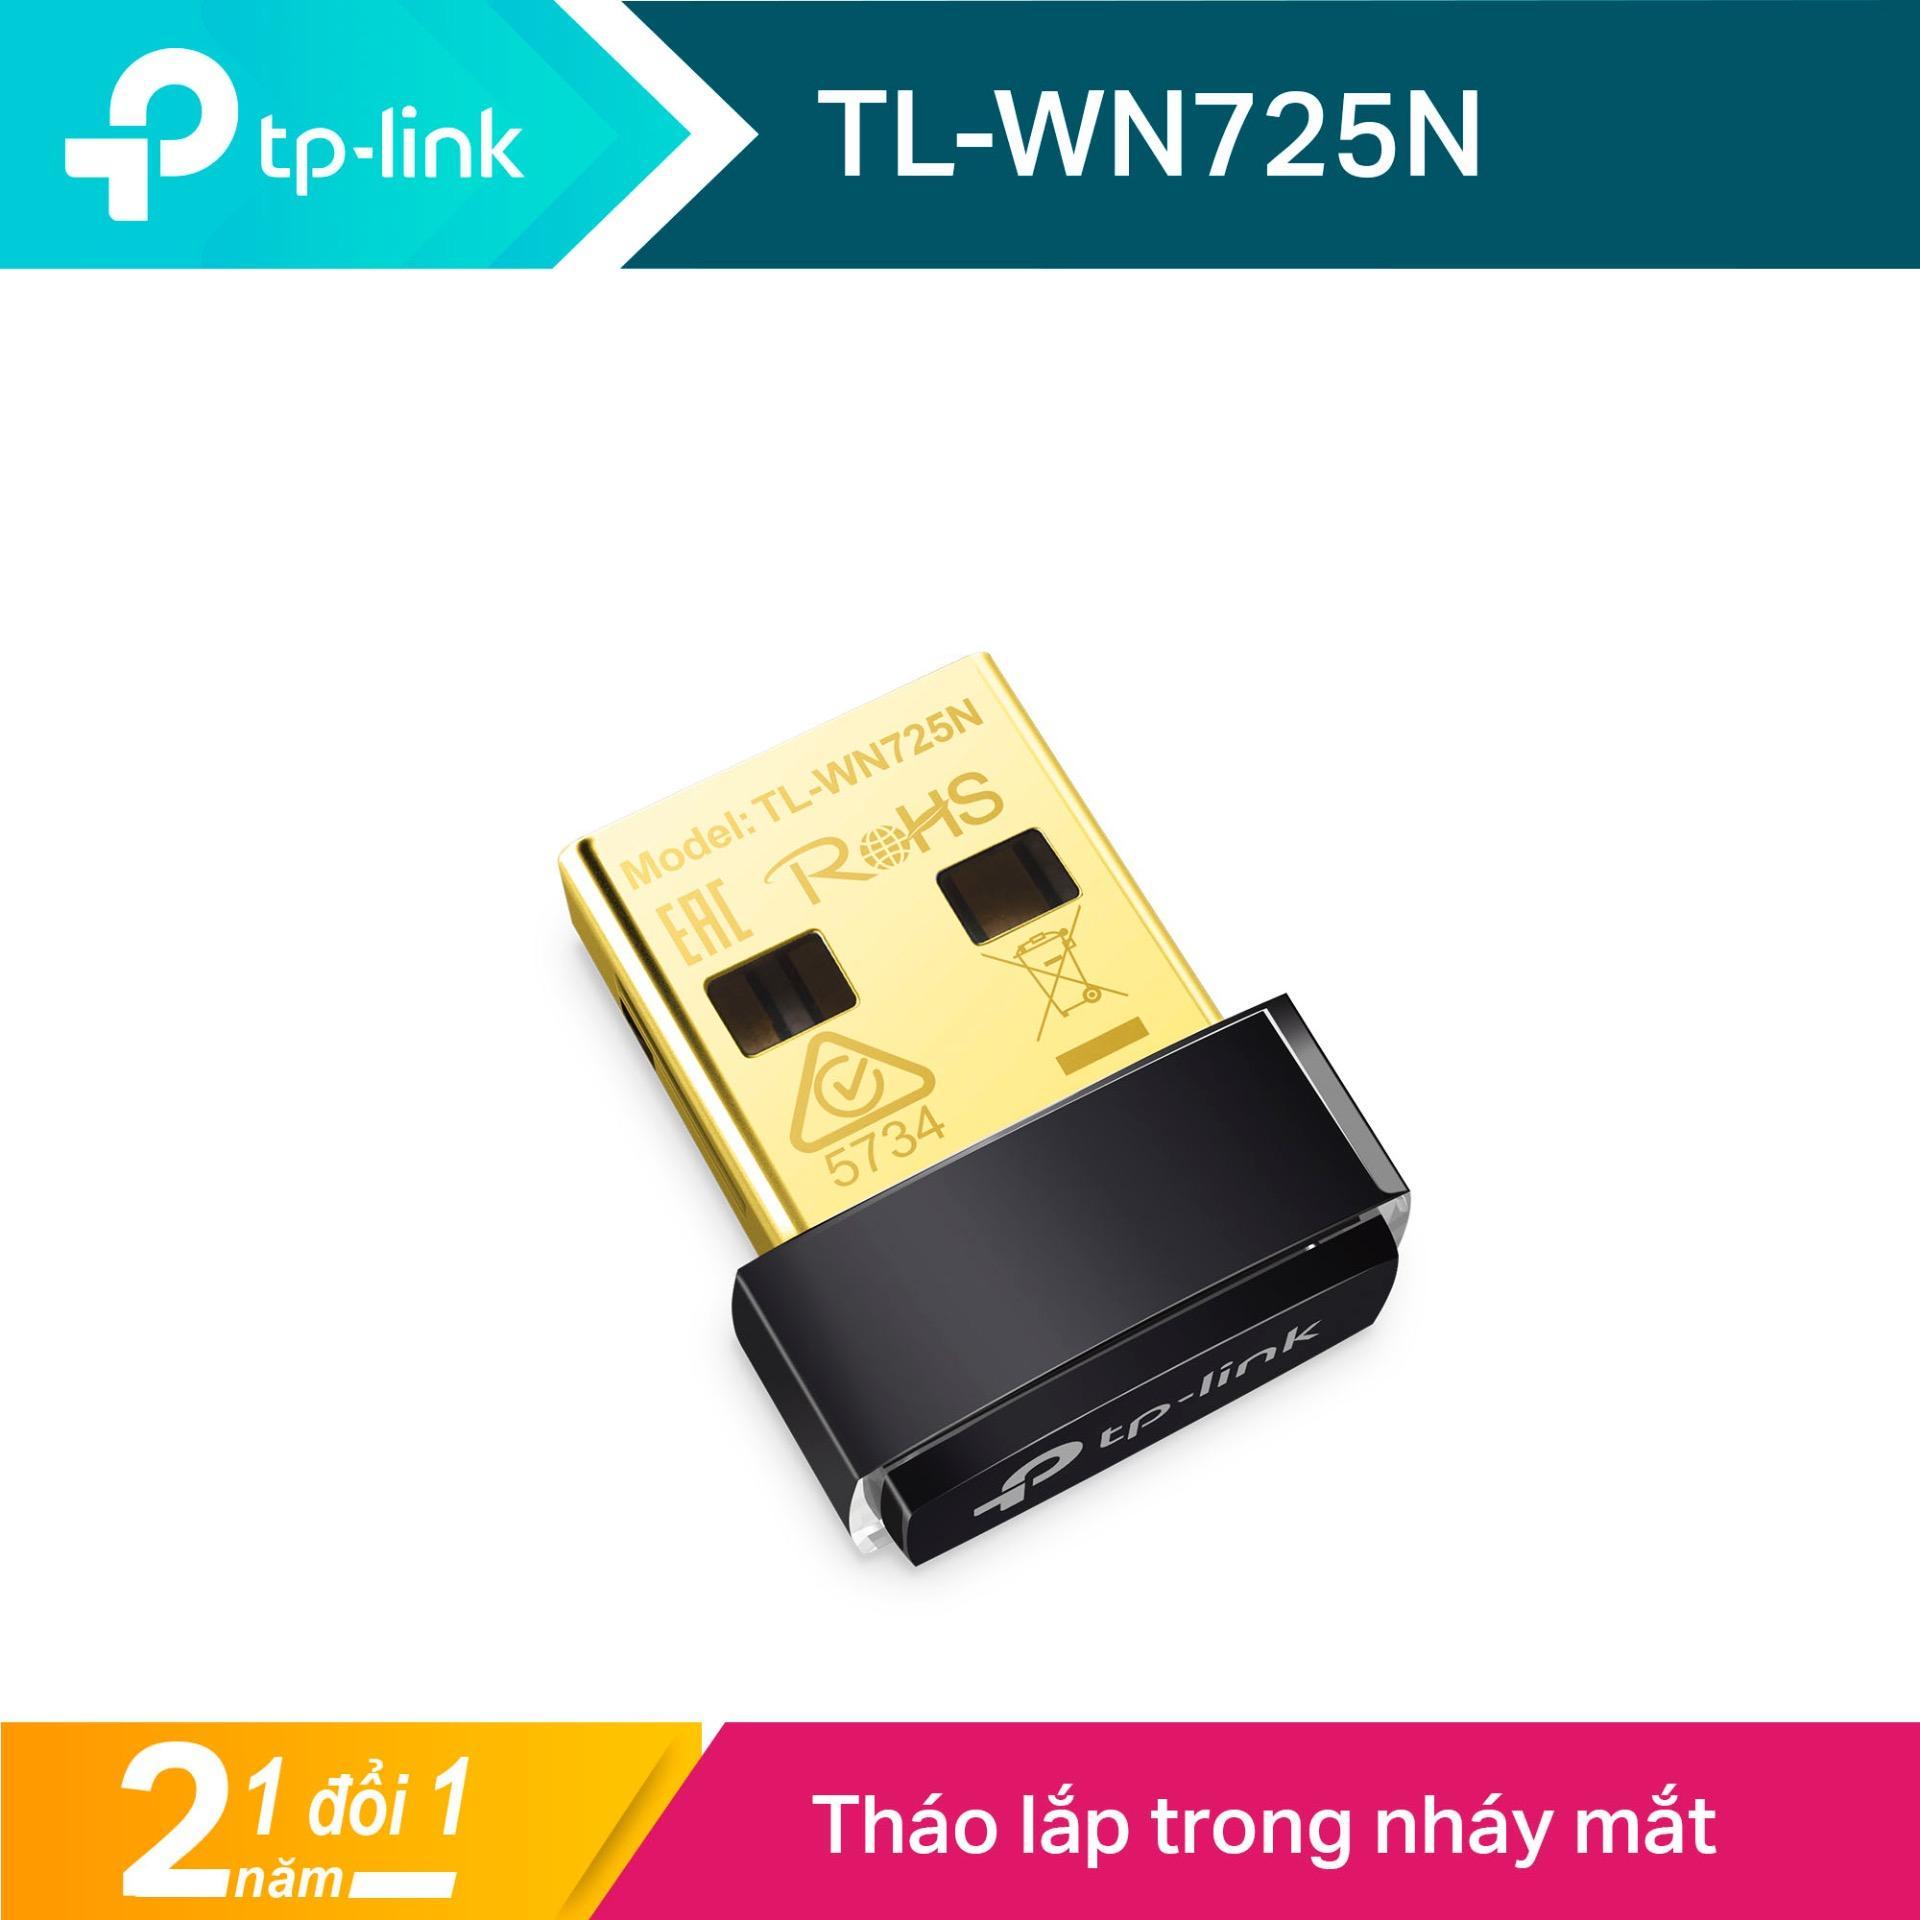 TP-Link USB wifi (USB thu wifi) Chuẩn N 150Mbps TL-WN725N - Hãng phân phối chính thức